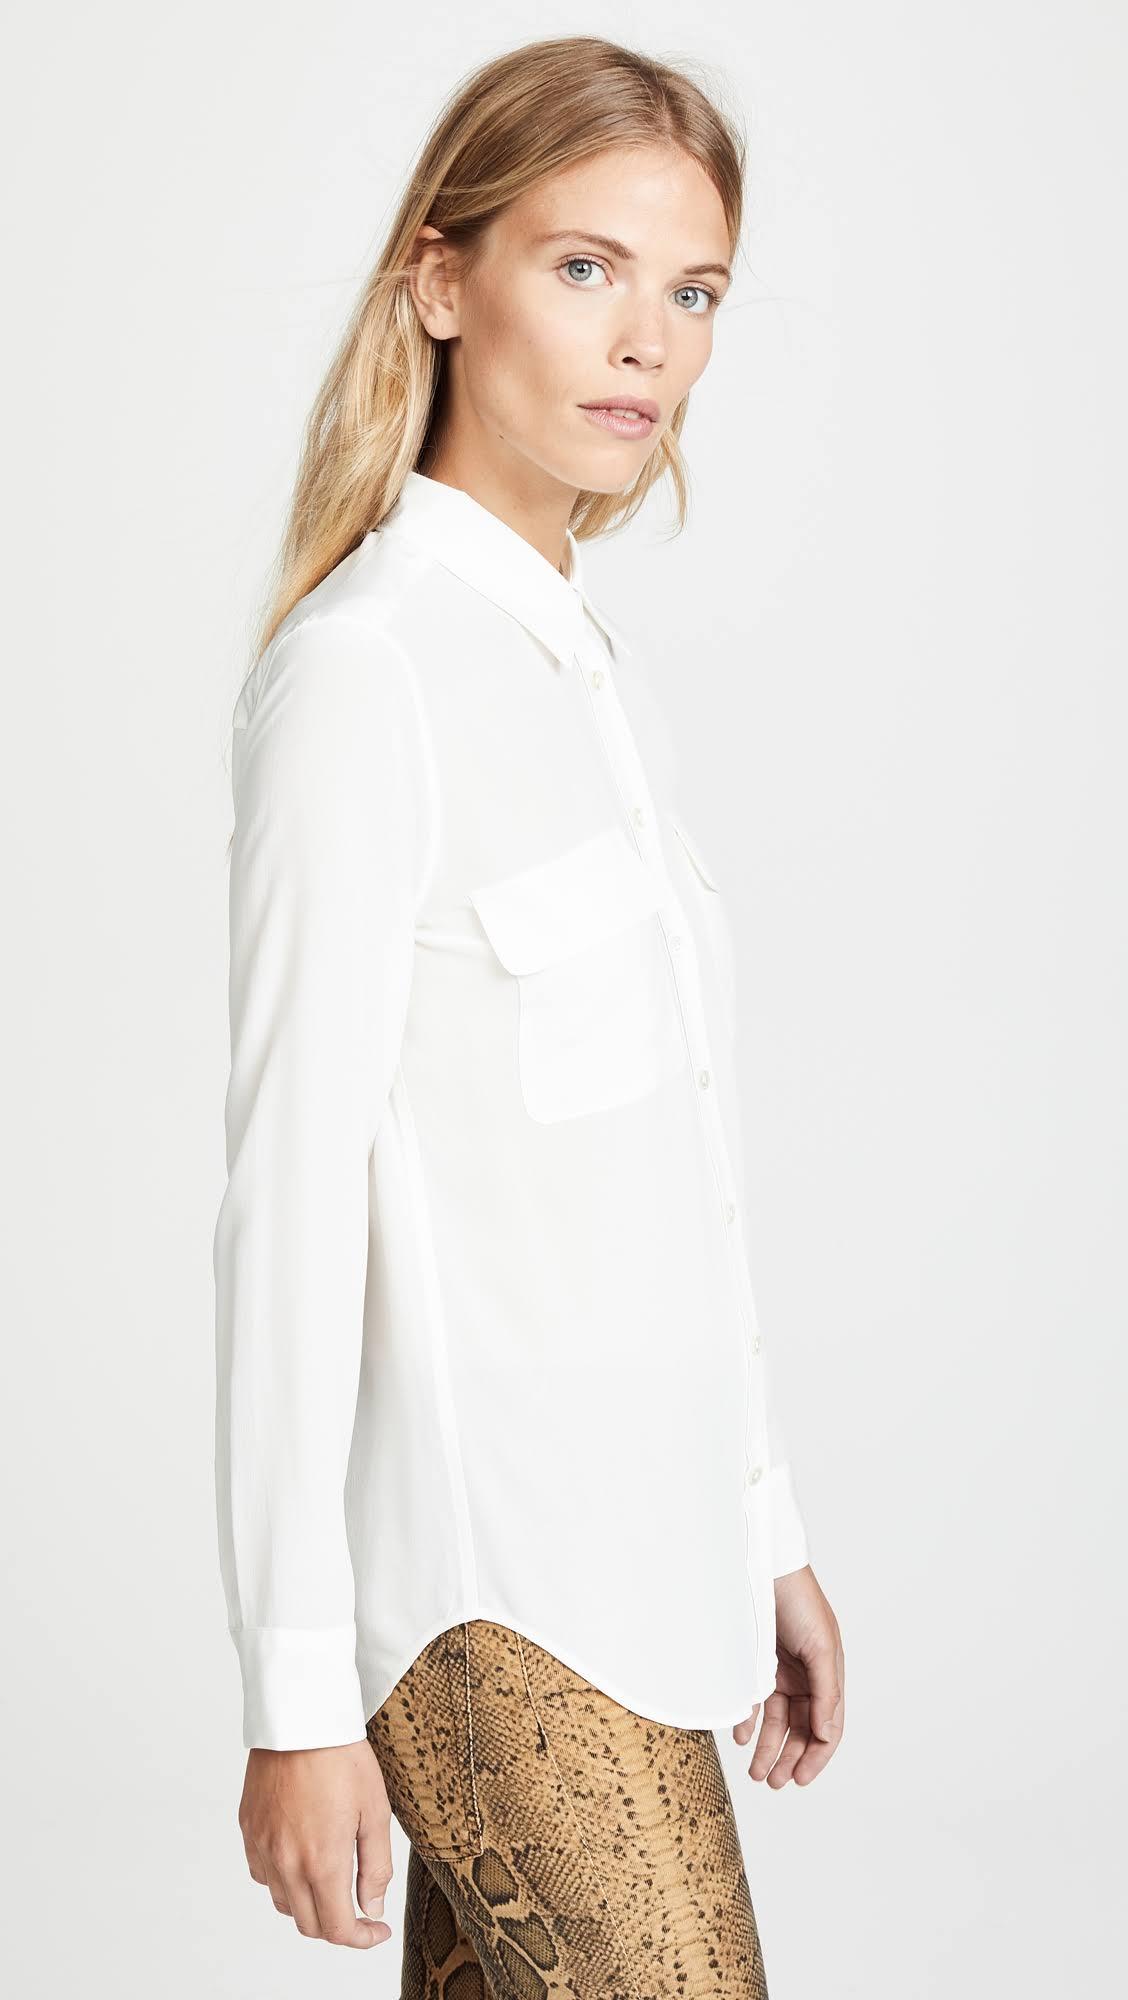 Slim Signature Naturaleza Seda Camisa Equipo Blanco L Tdgzwn5nq